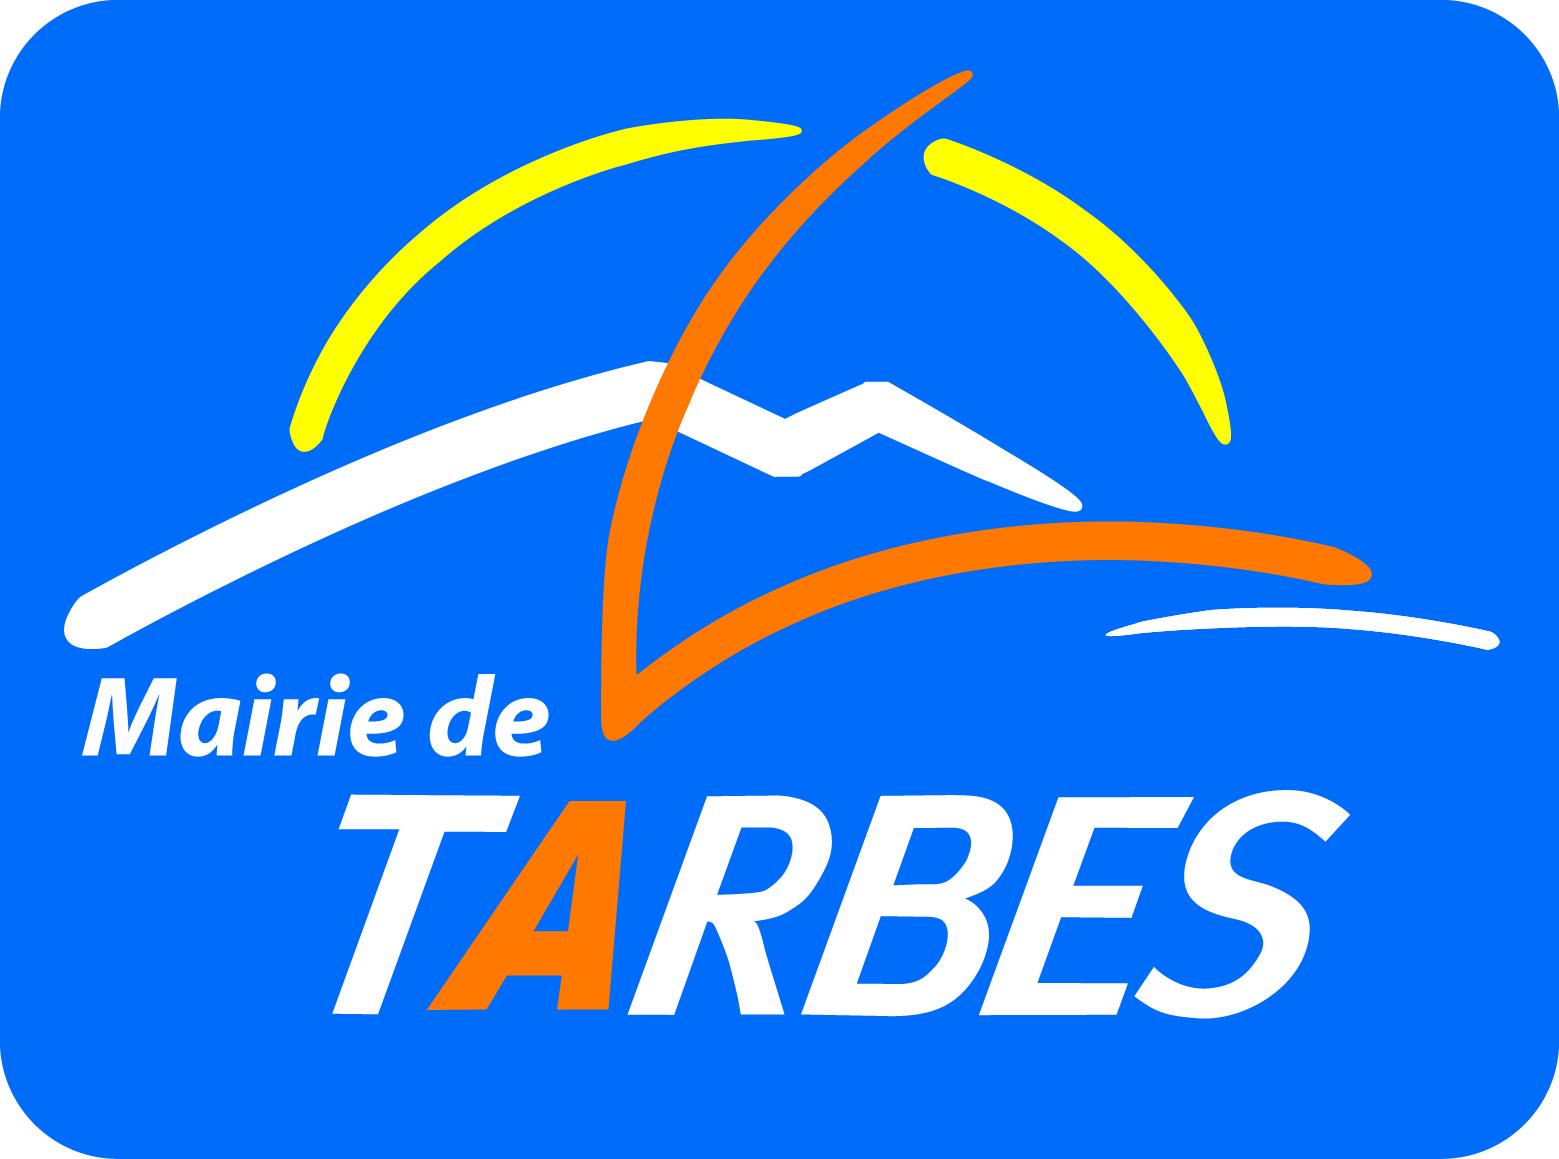 ville de Tarbes